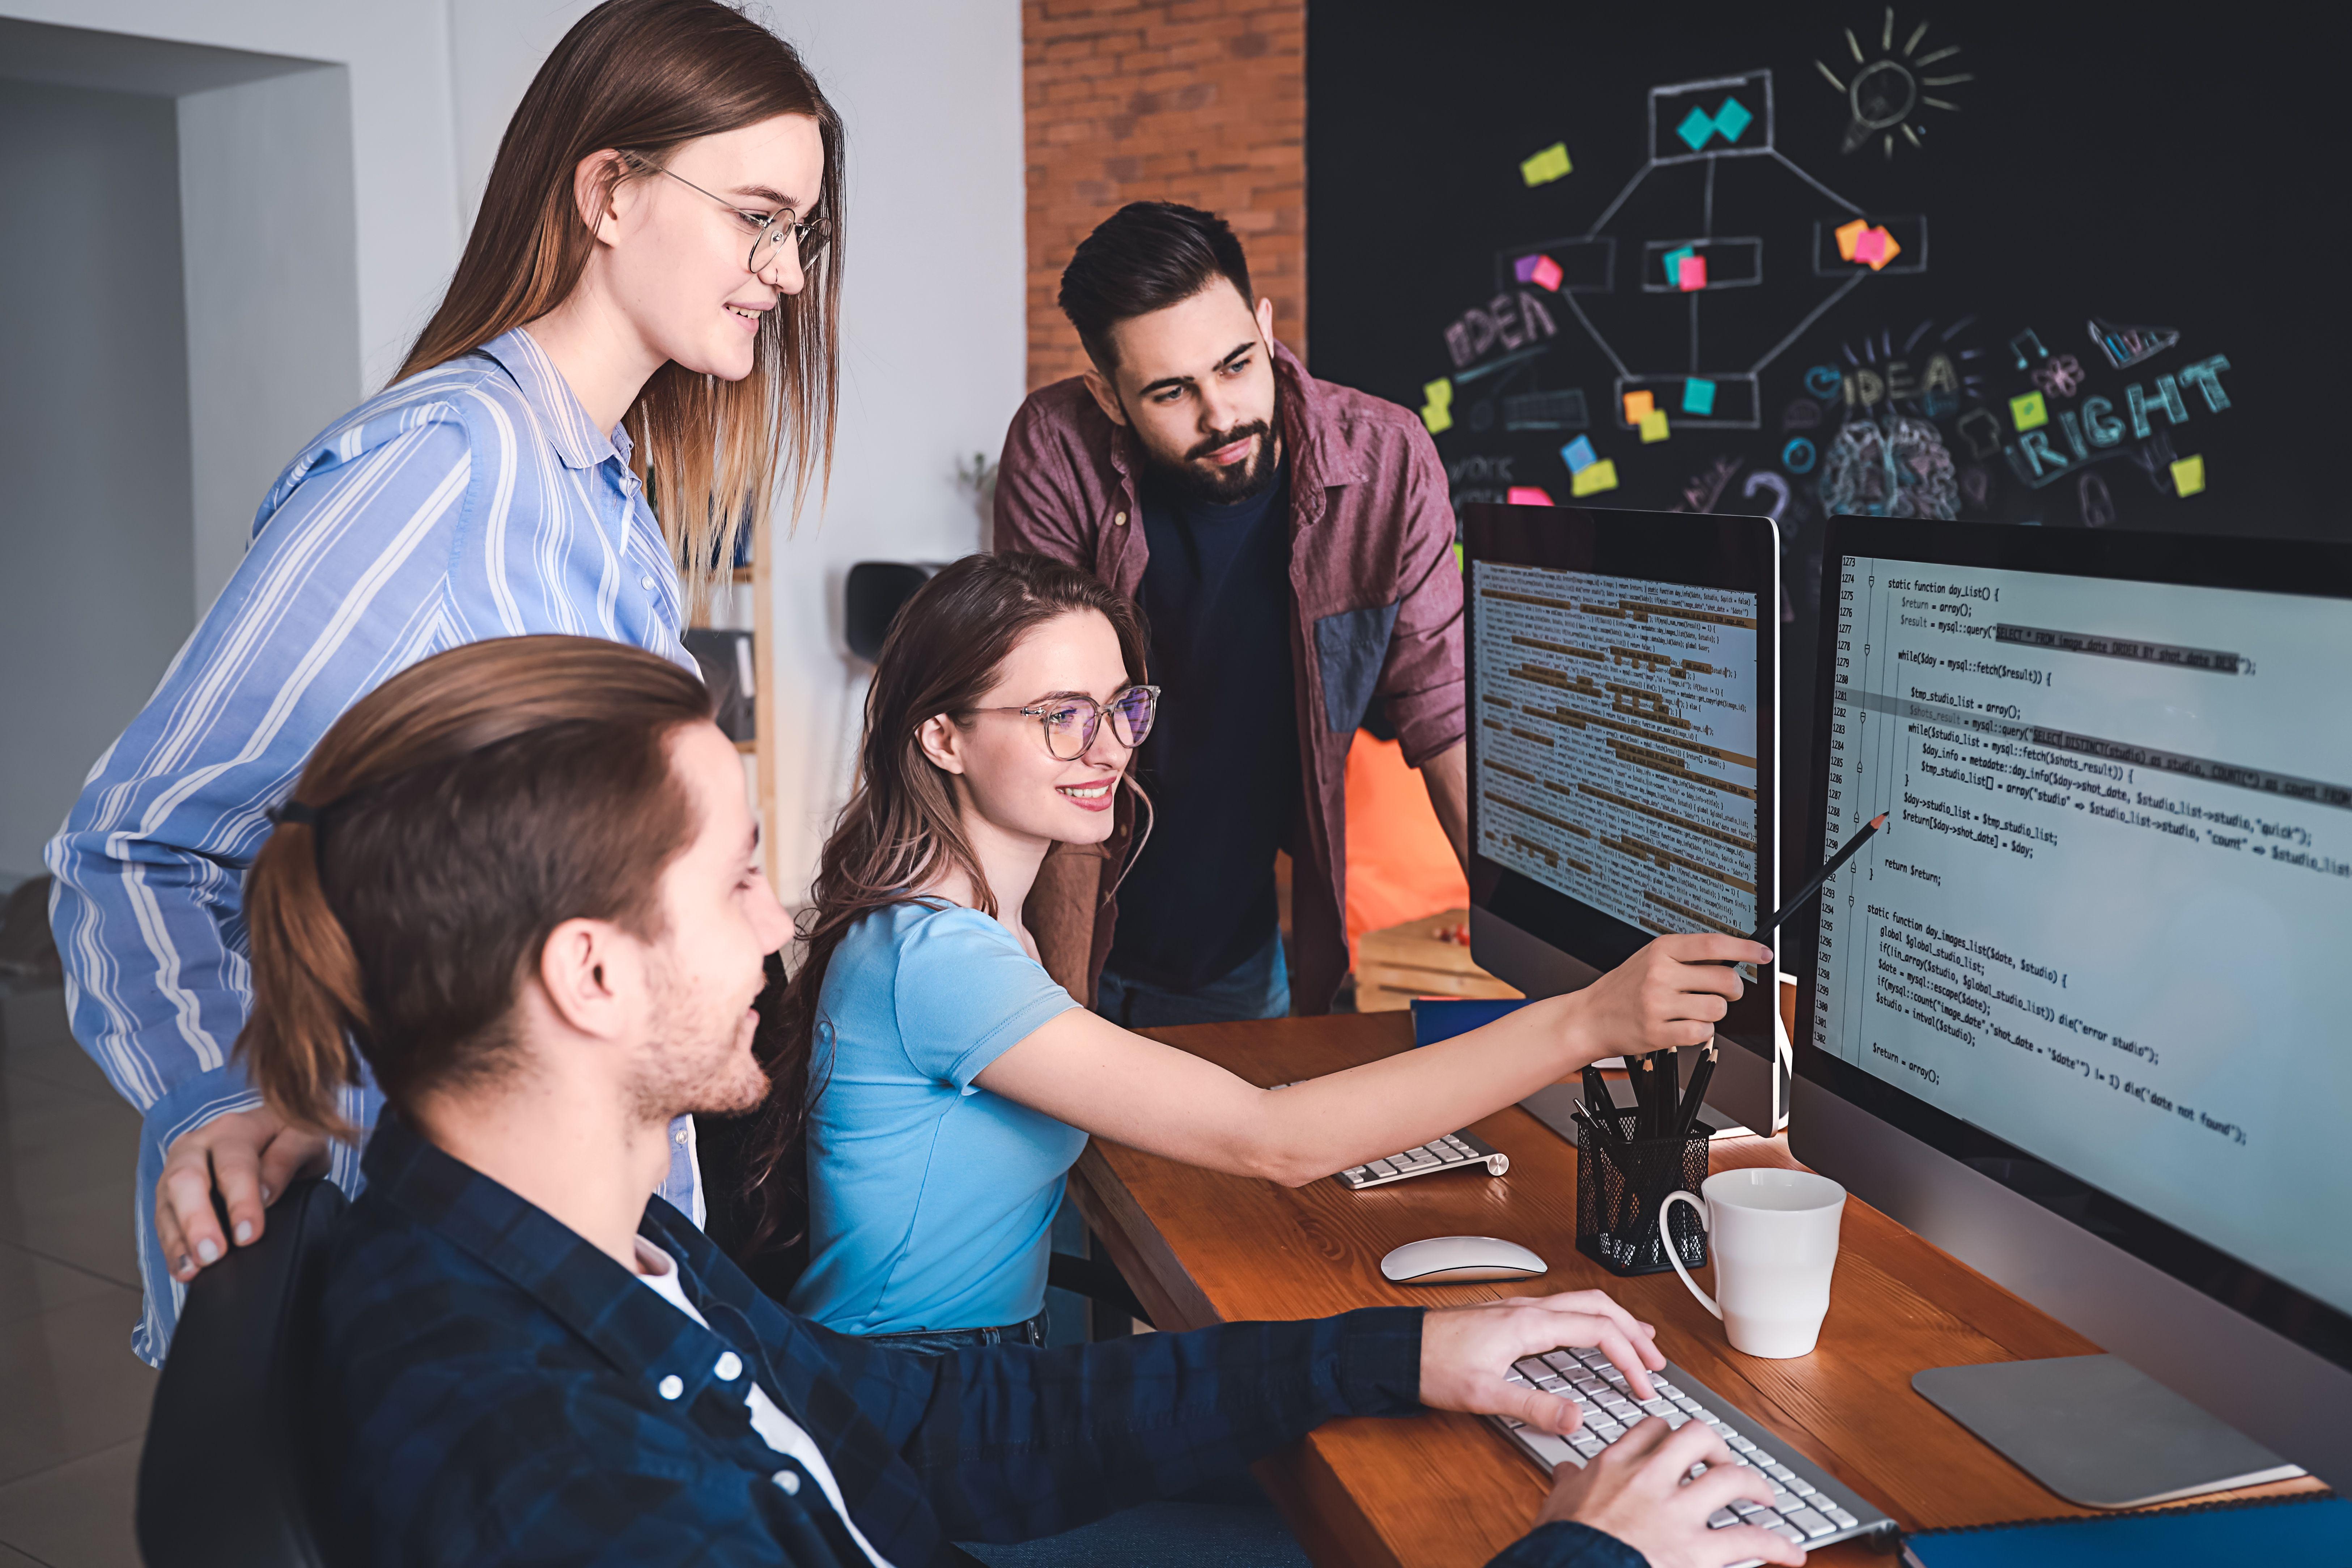 Pomimo niepewnej sytuacji na rynku pracy wzrosły oczekiwania finansowe młodych osób (Fot. Shutterstock)